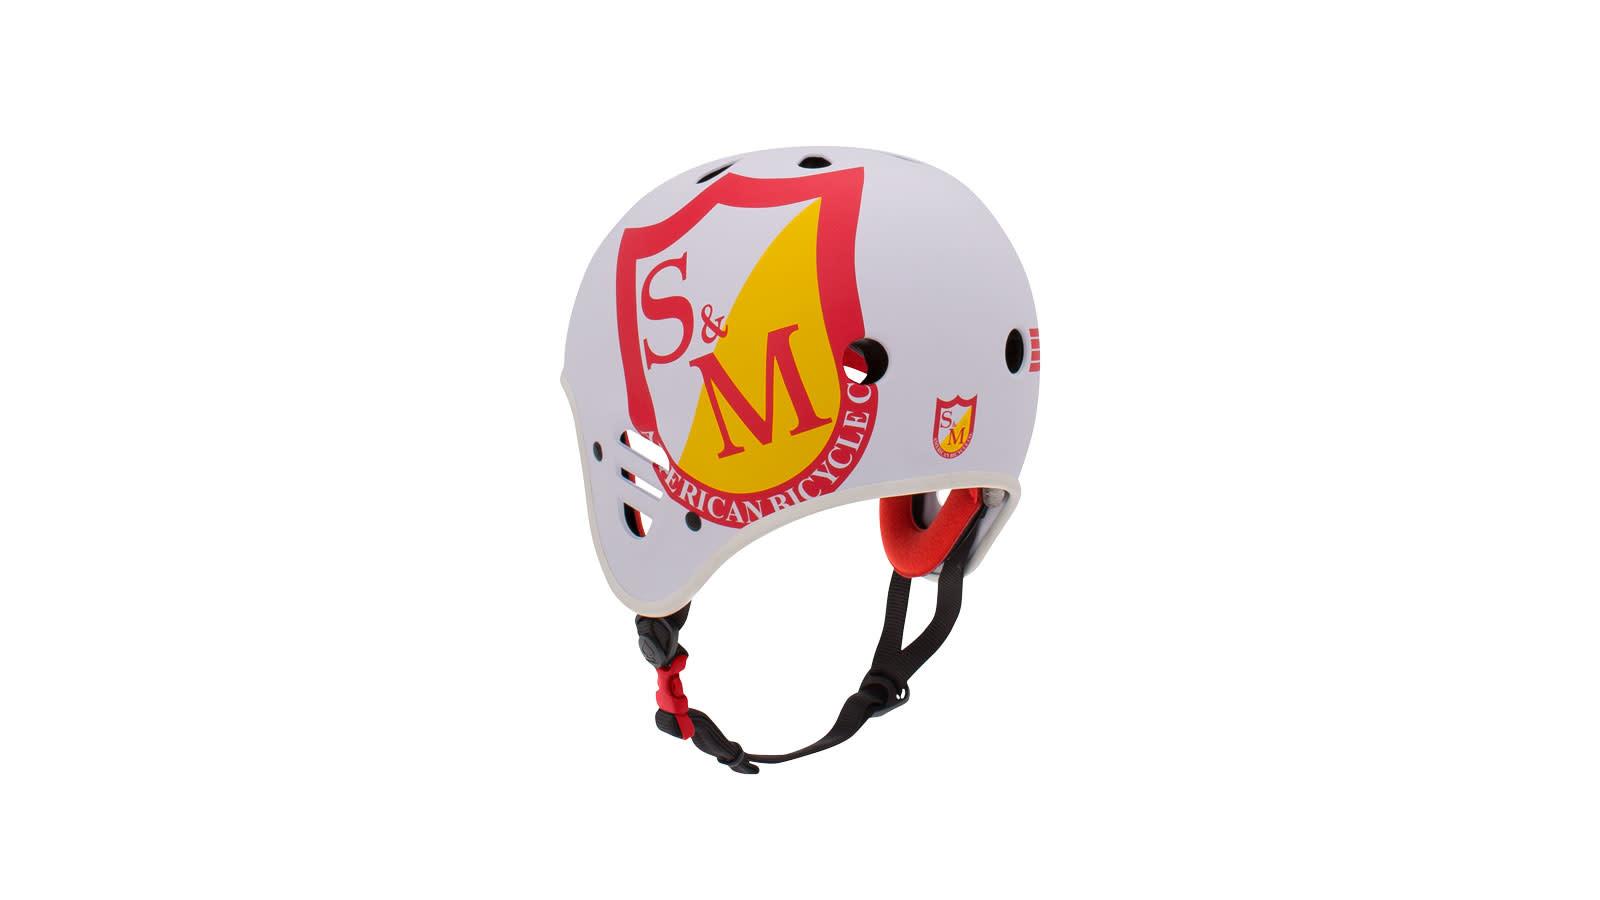 Pro-Tec S&M Fullcut (Certified) Matte White Helmet